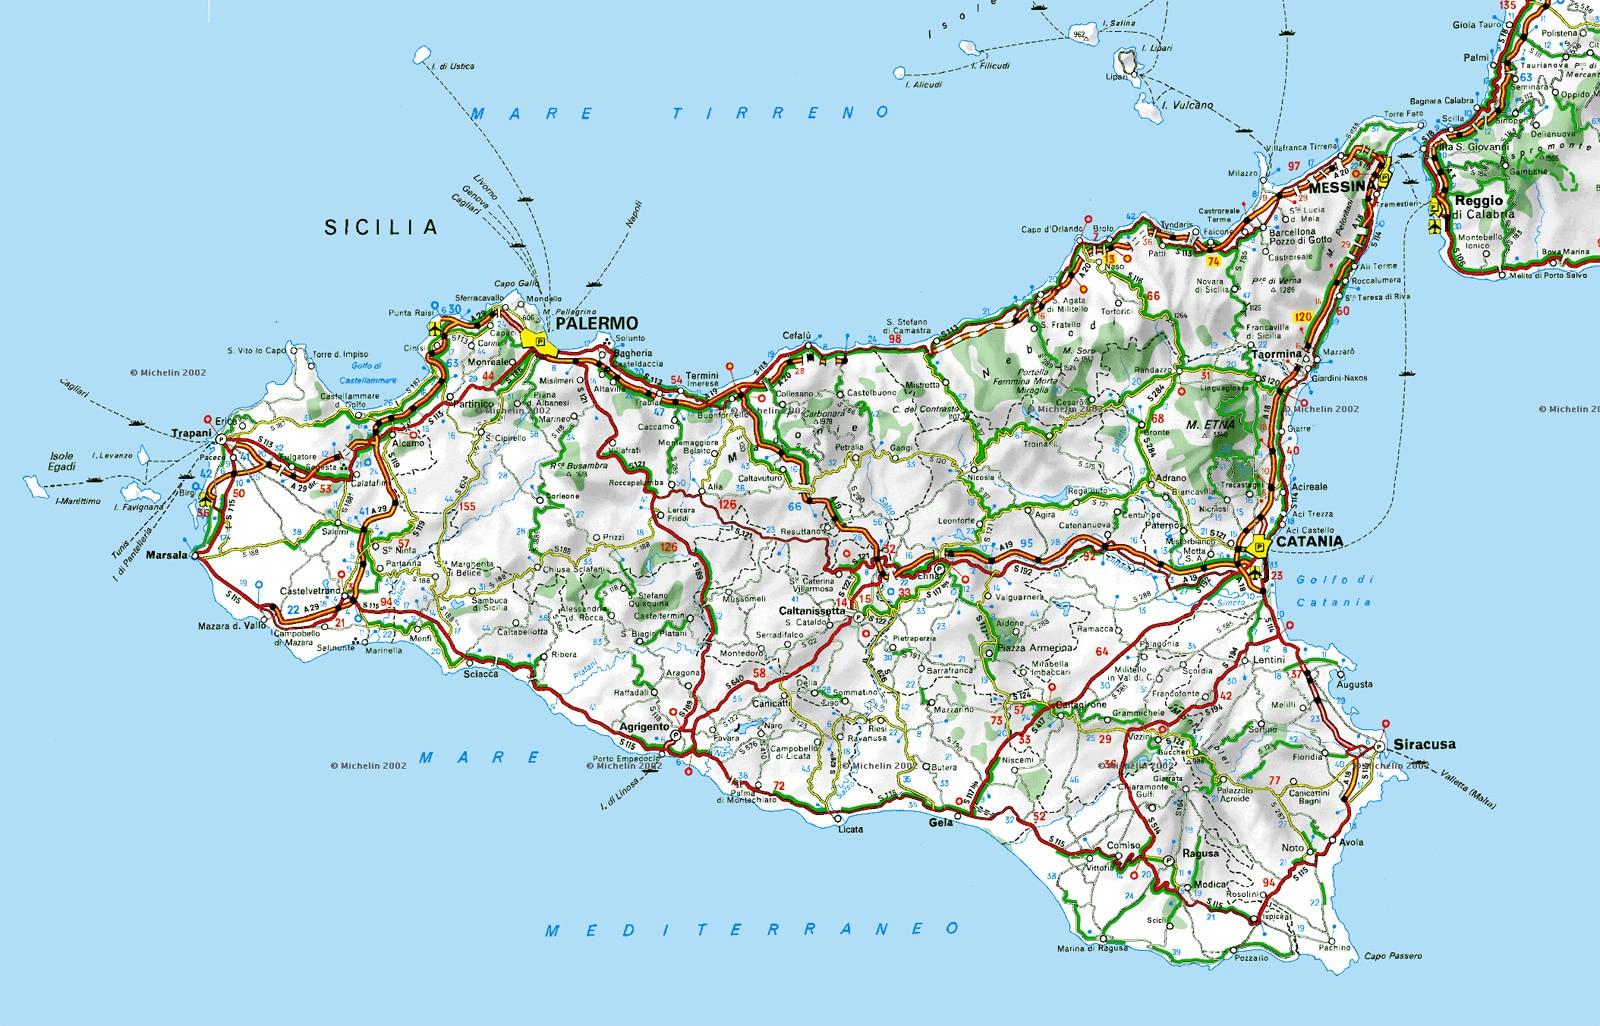 Cartina Di Malta Pdf.Mappa Della Sicilia Cartina Interattiva E Download Mappe In Pdf Sicilia Info